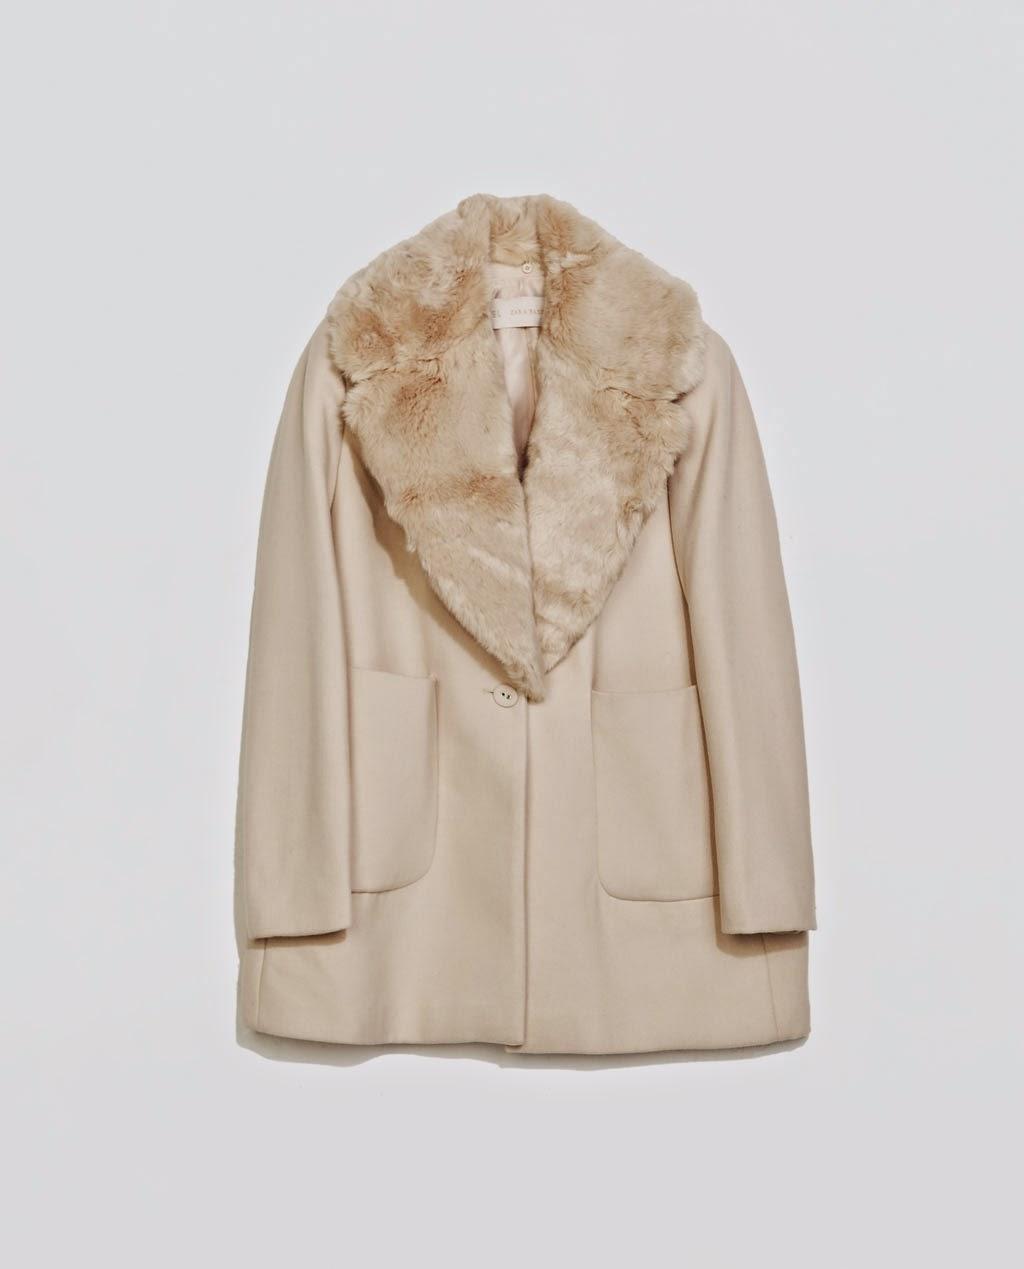 La pièce phare Automne - Hiver : Le manteau rose / Le pink coat